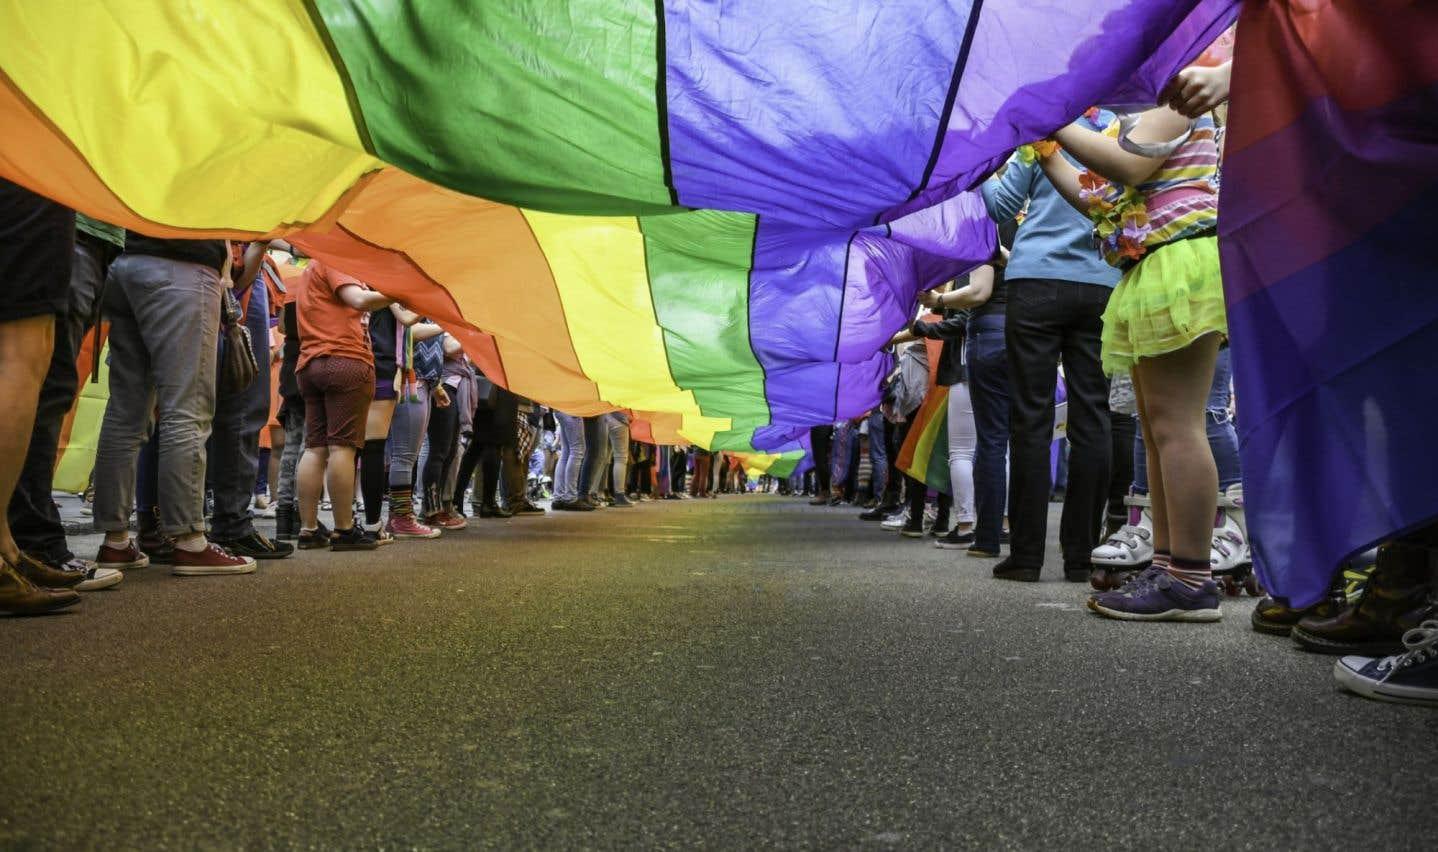 Quand la technologie traque l'homosexualité